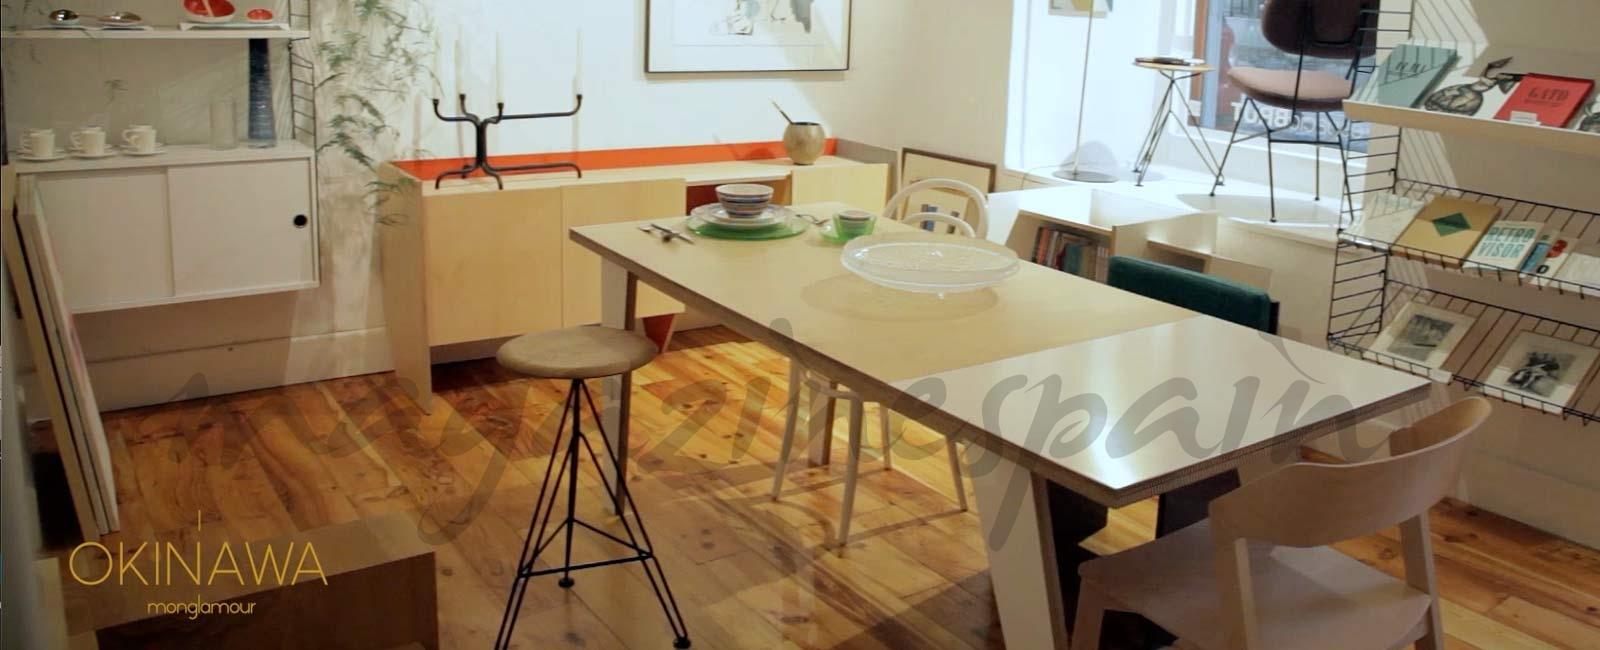 Fran Larrañaga, la decoración está de moda, desde «Espacio Brut»